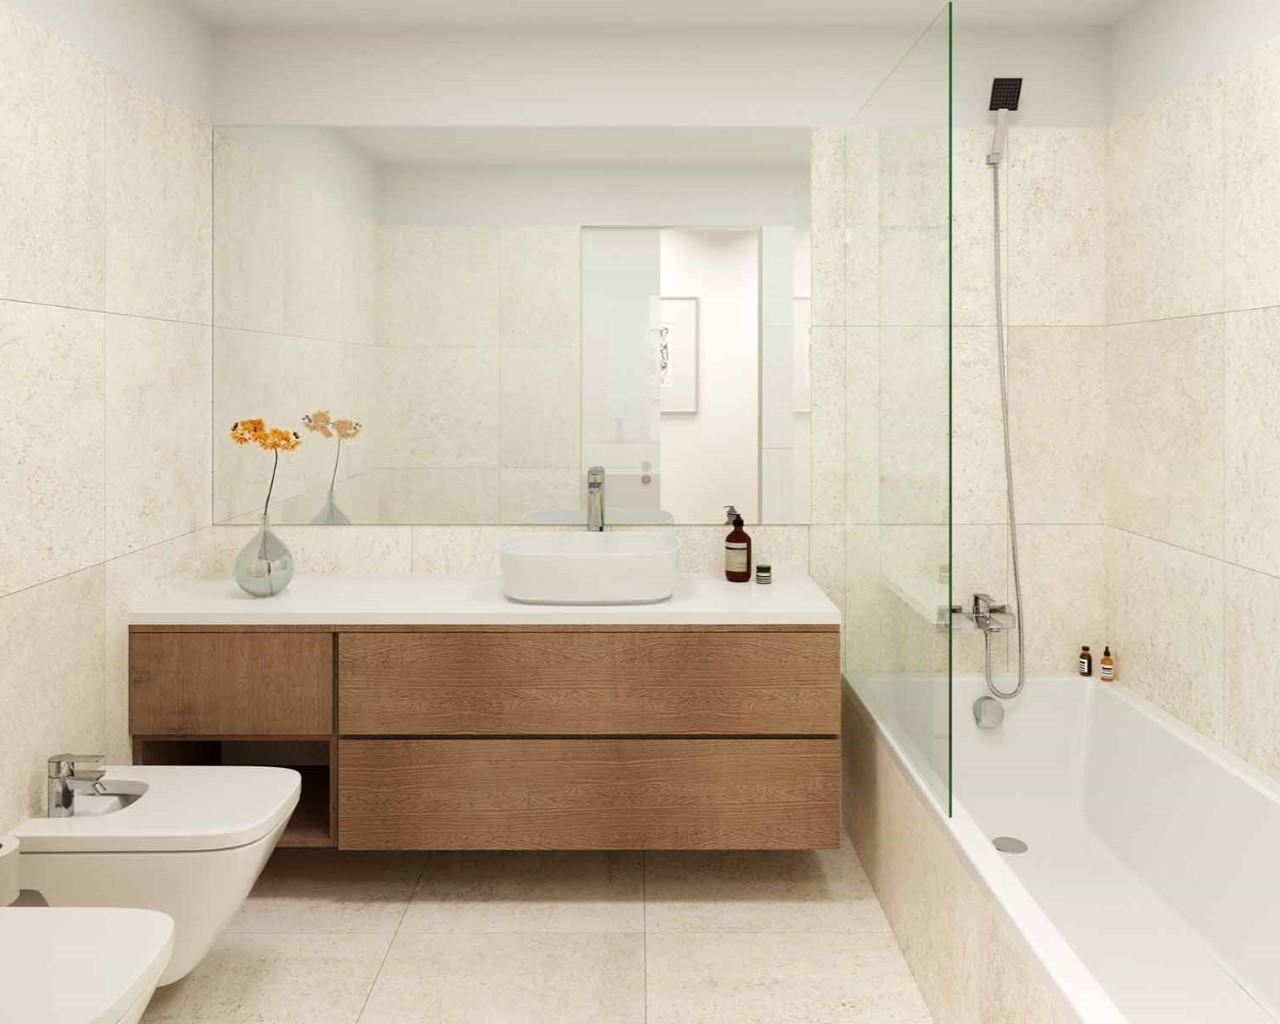 Lux Garden - Salle de bain - option montagne